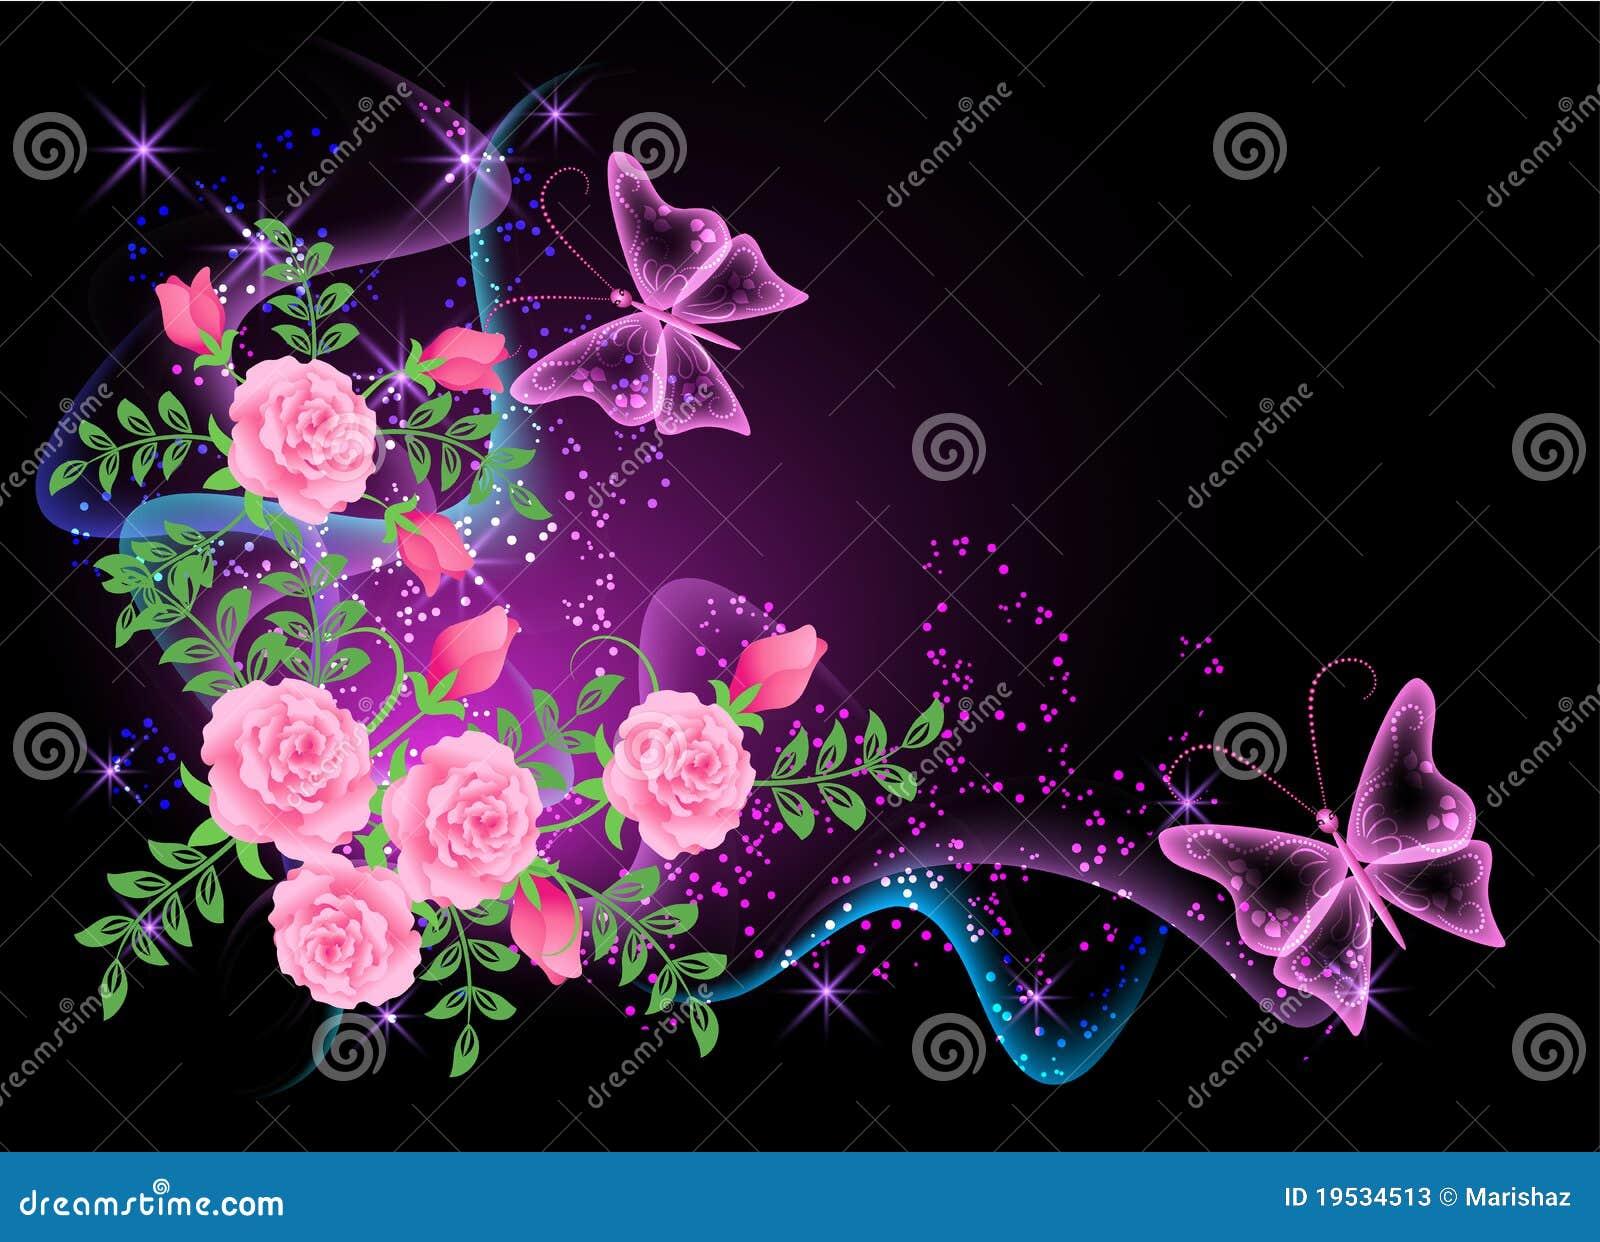 Fondo que brilla intensamente con las flores, el humo y la mariposa.